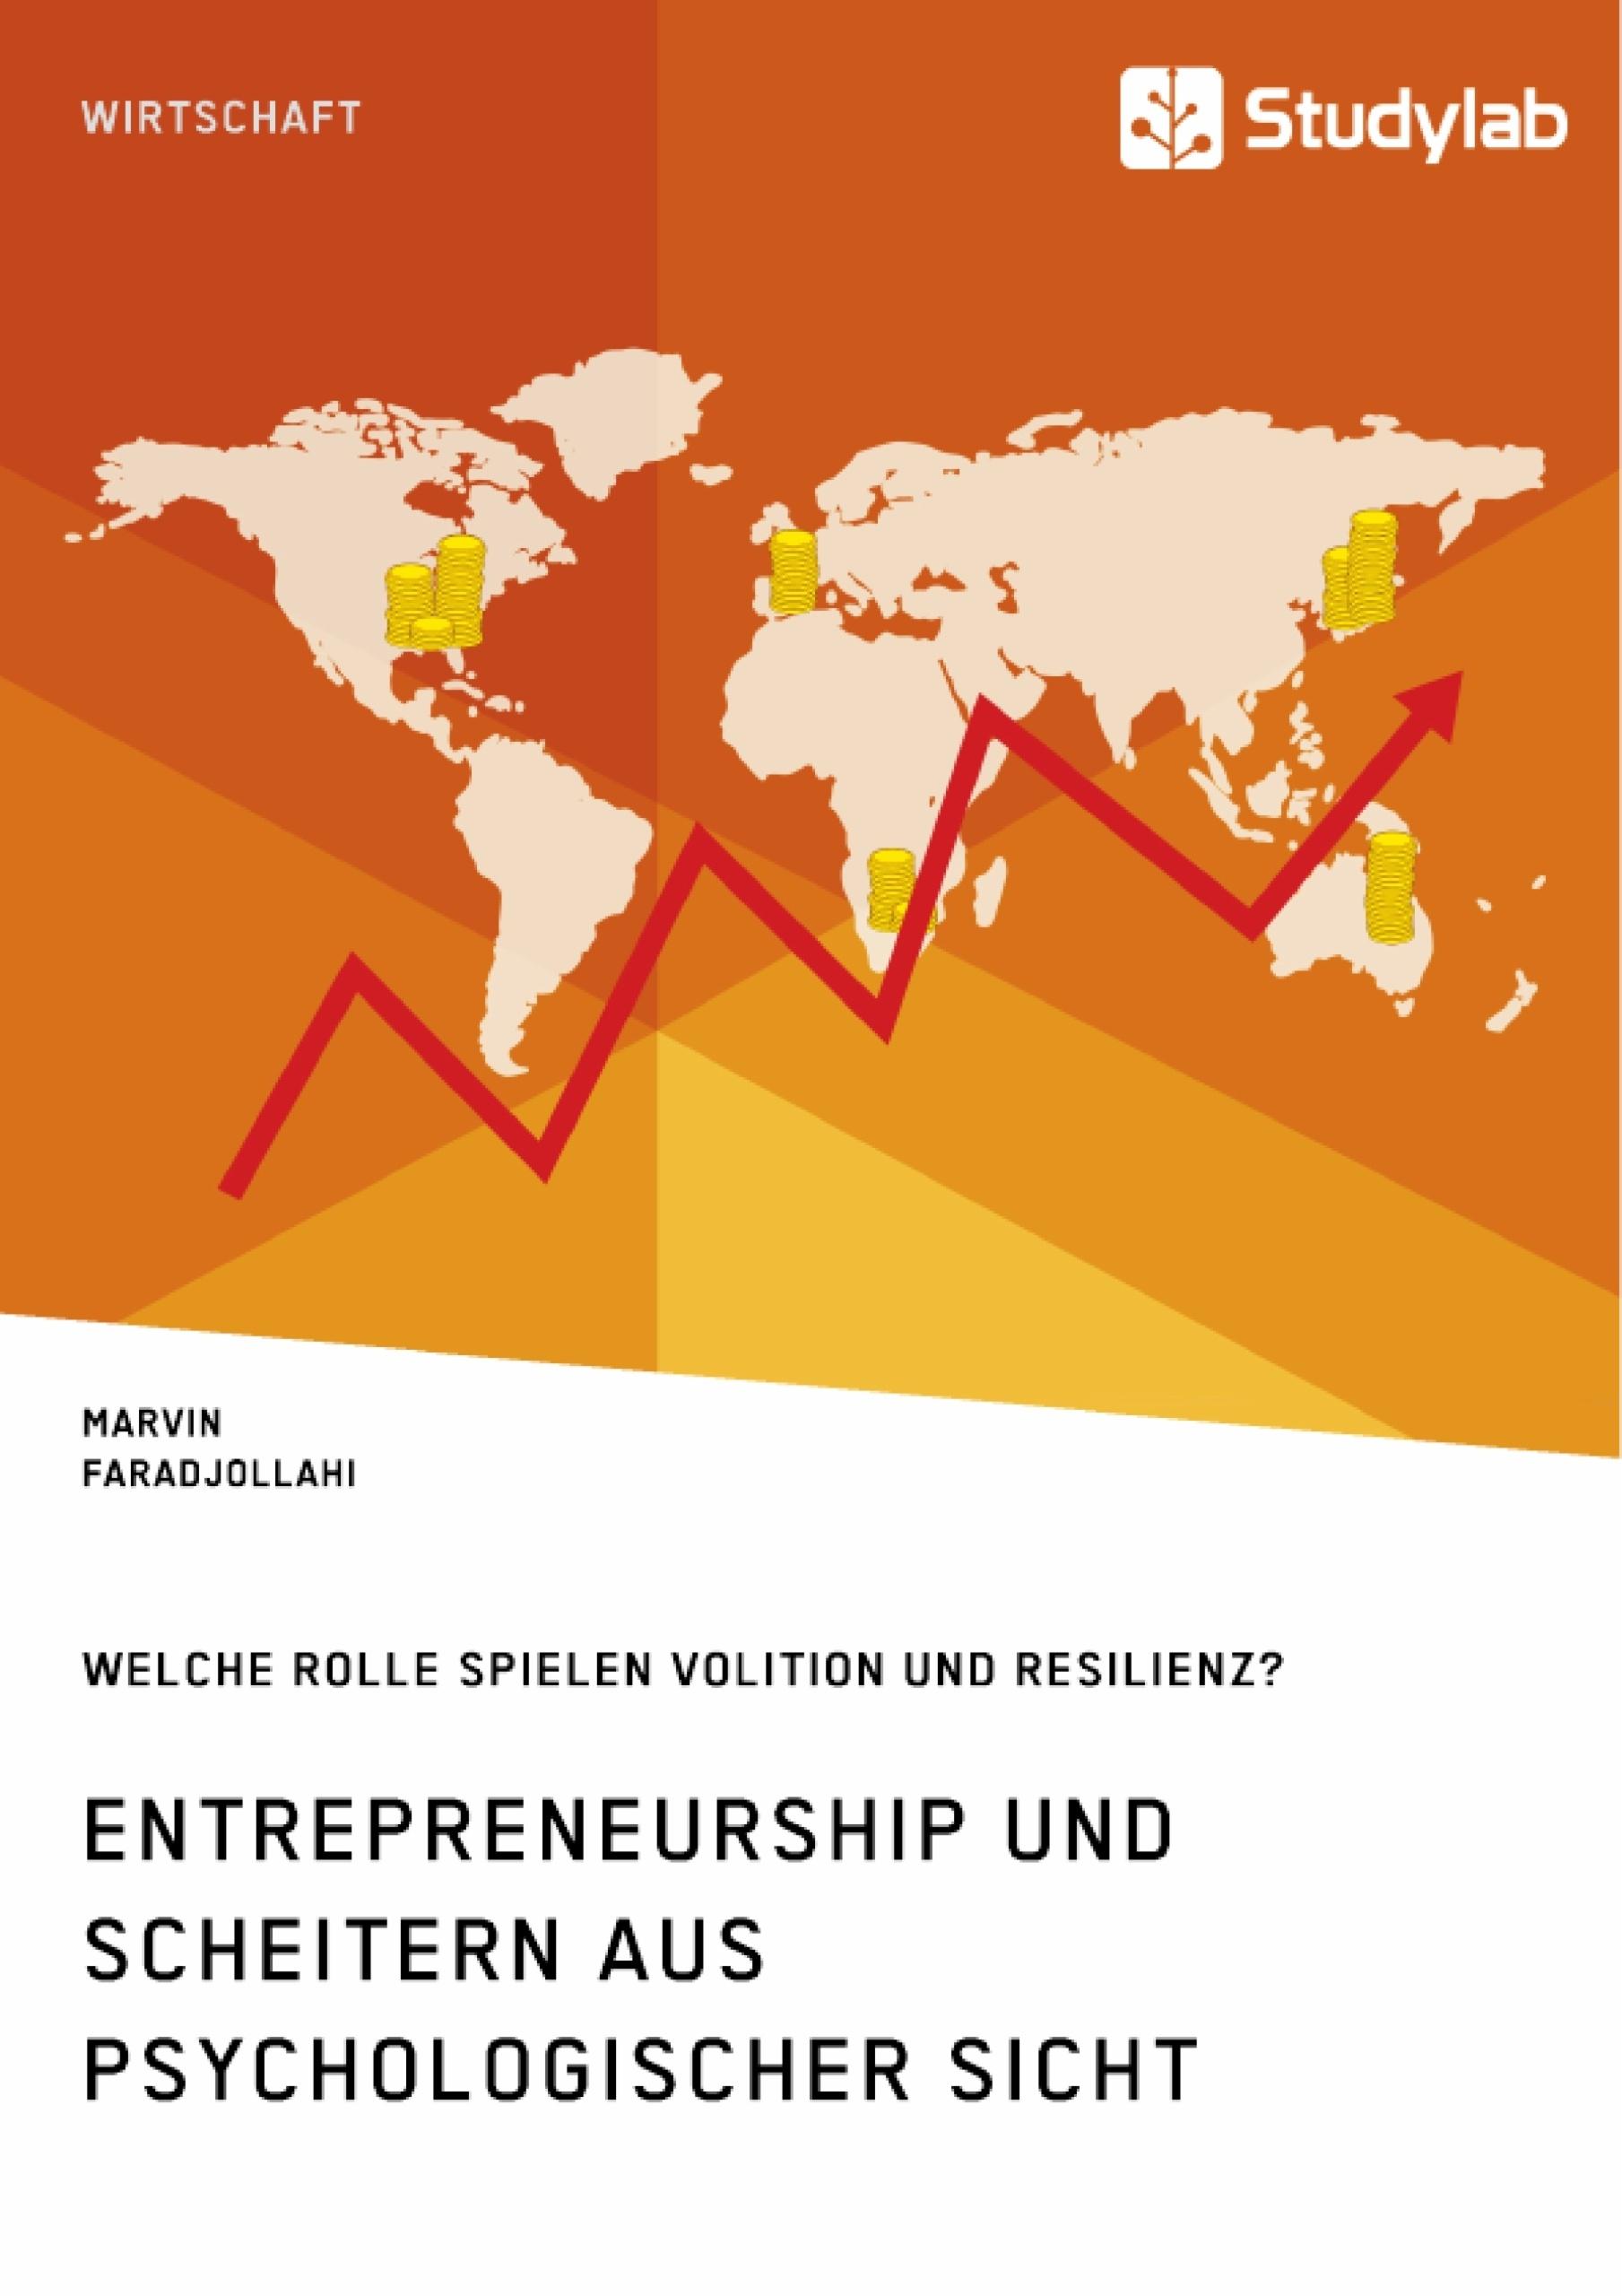 Titel: Entrepreneurship und Scheitern aus psychologischer Sicht. Welche Rolle spielen Volition und Resilienz?